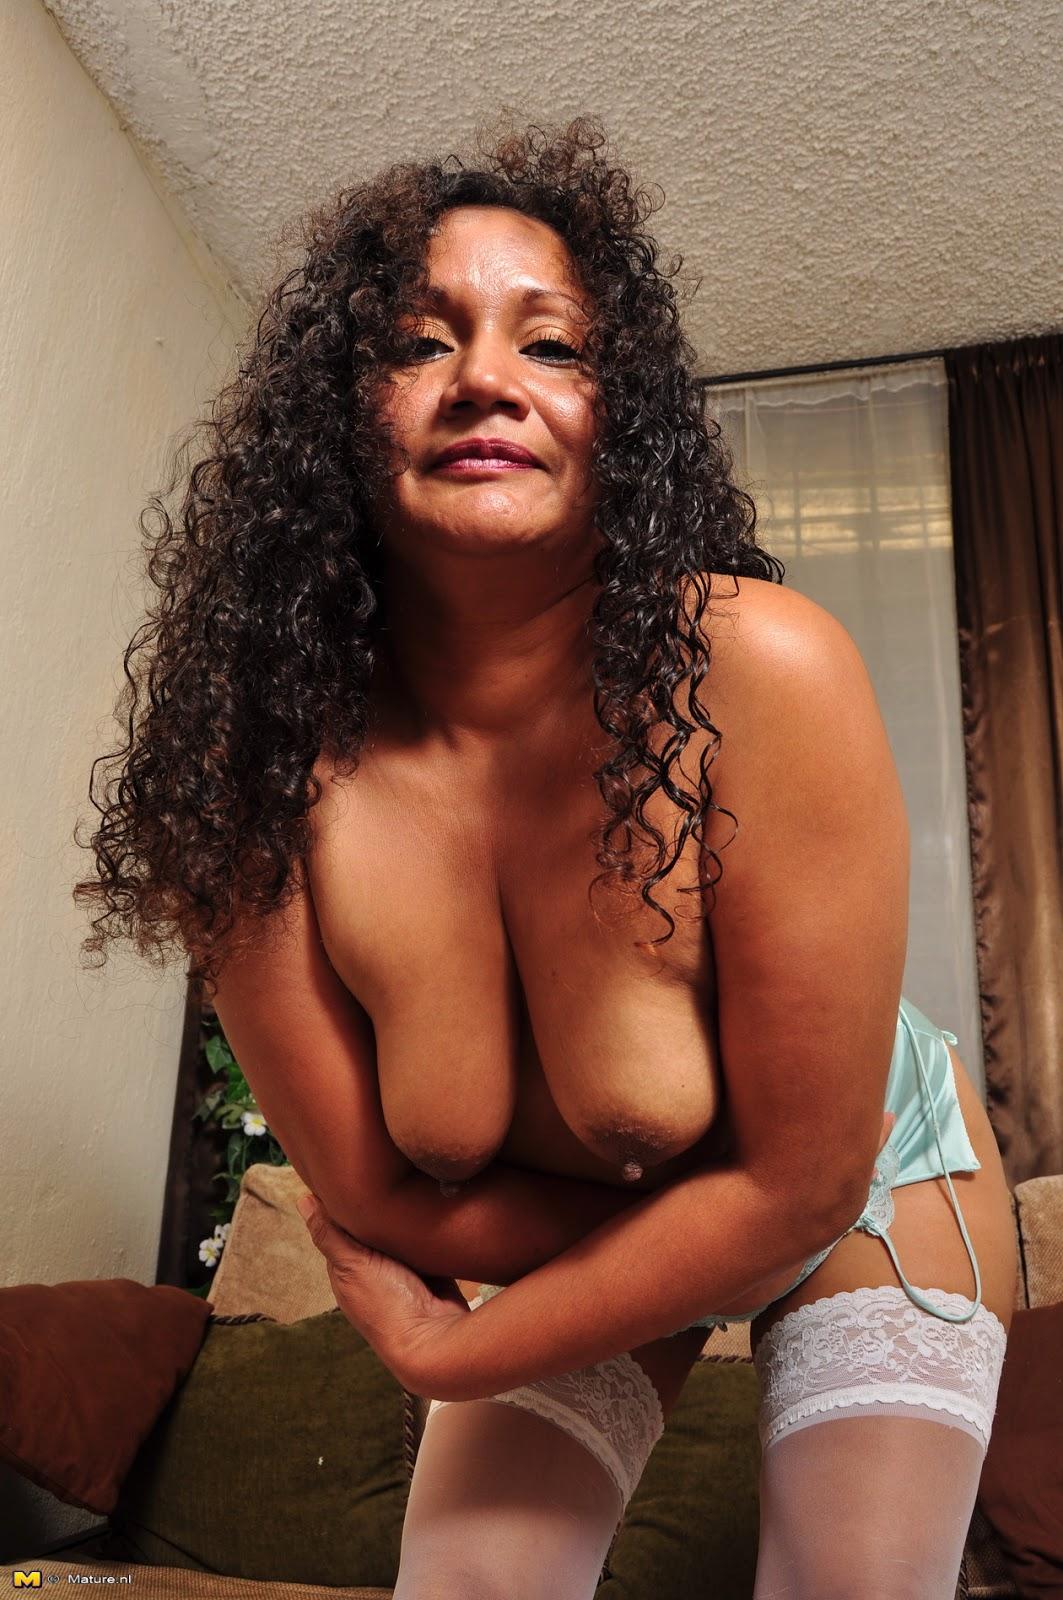 Mature latino women